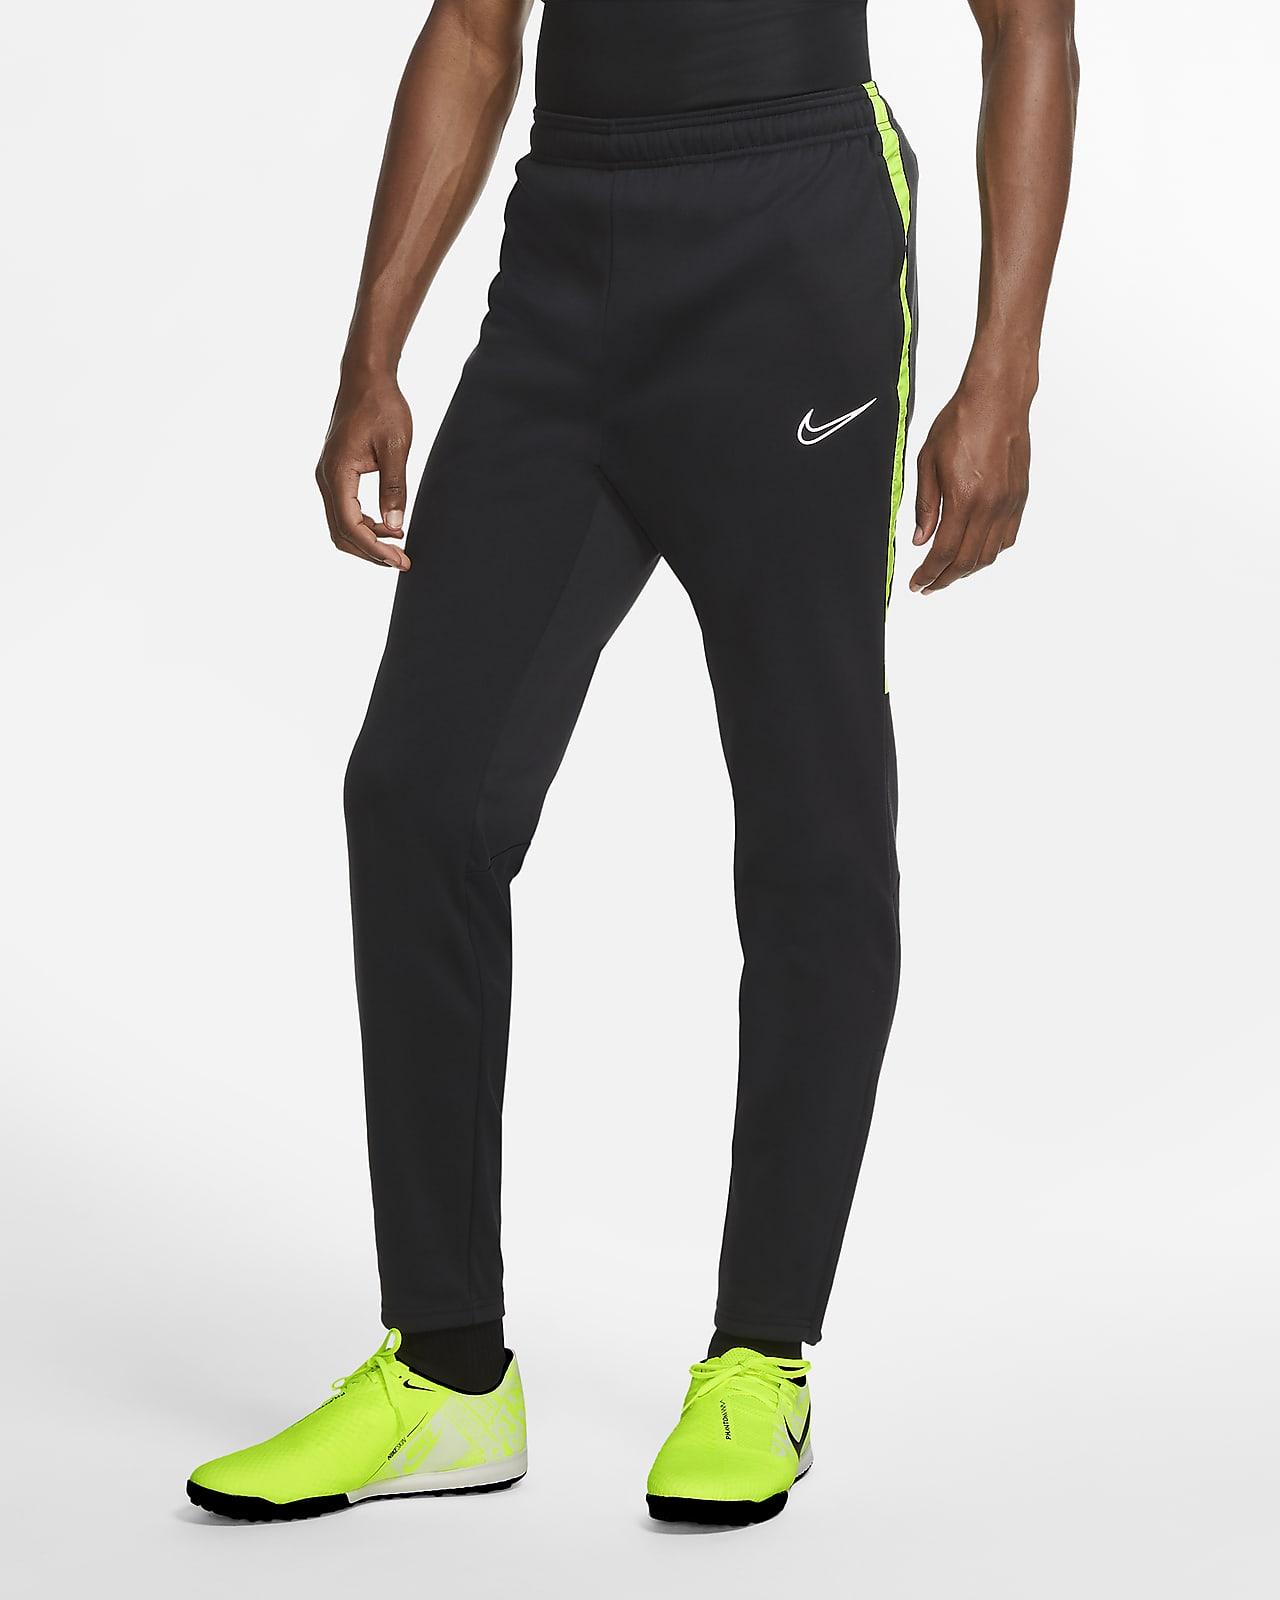 Męskie spodnie piłkarskie Nike Therma Academy Winter Warrior